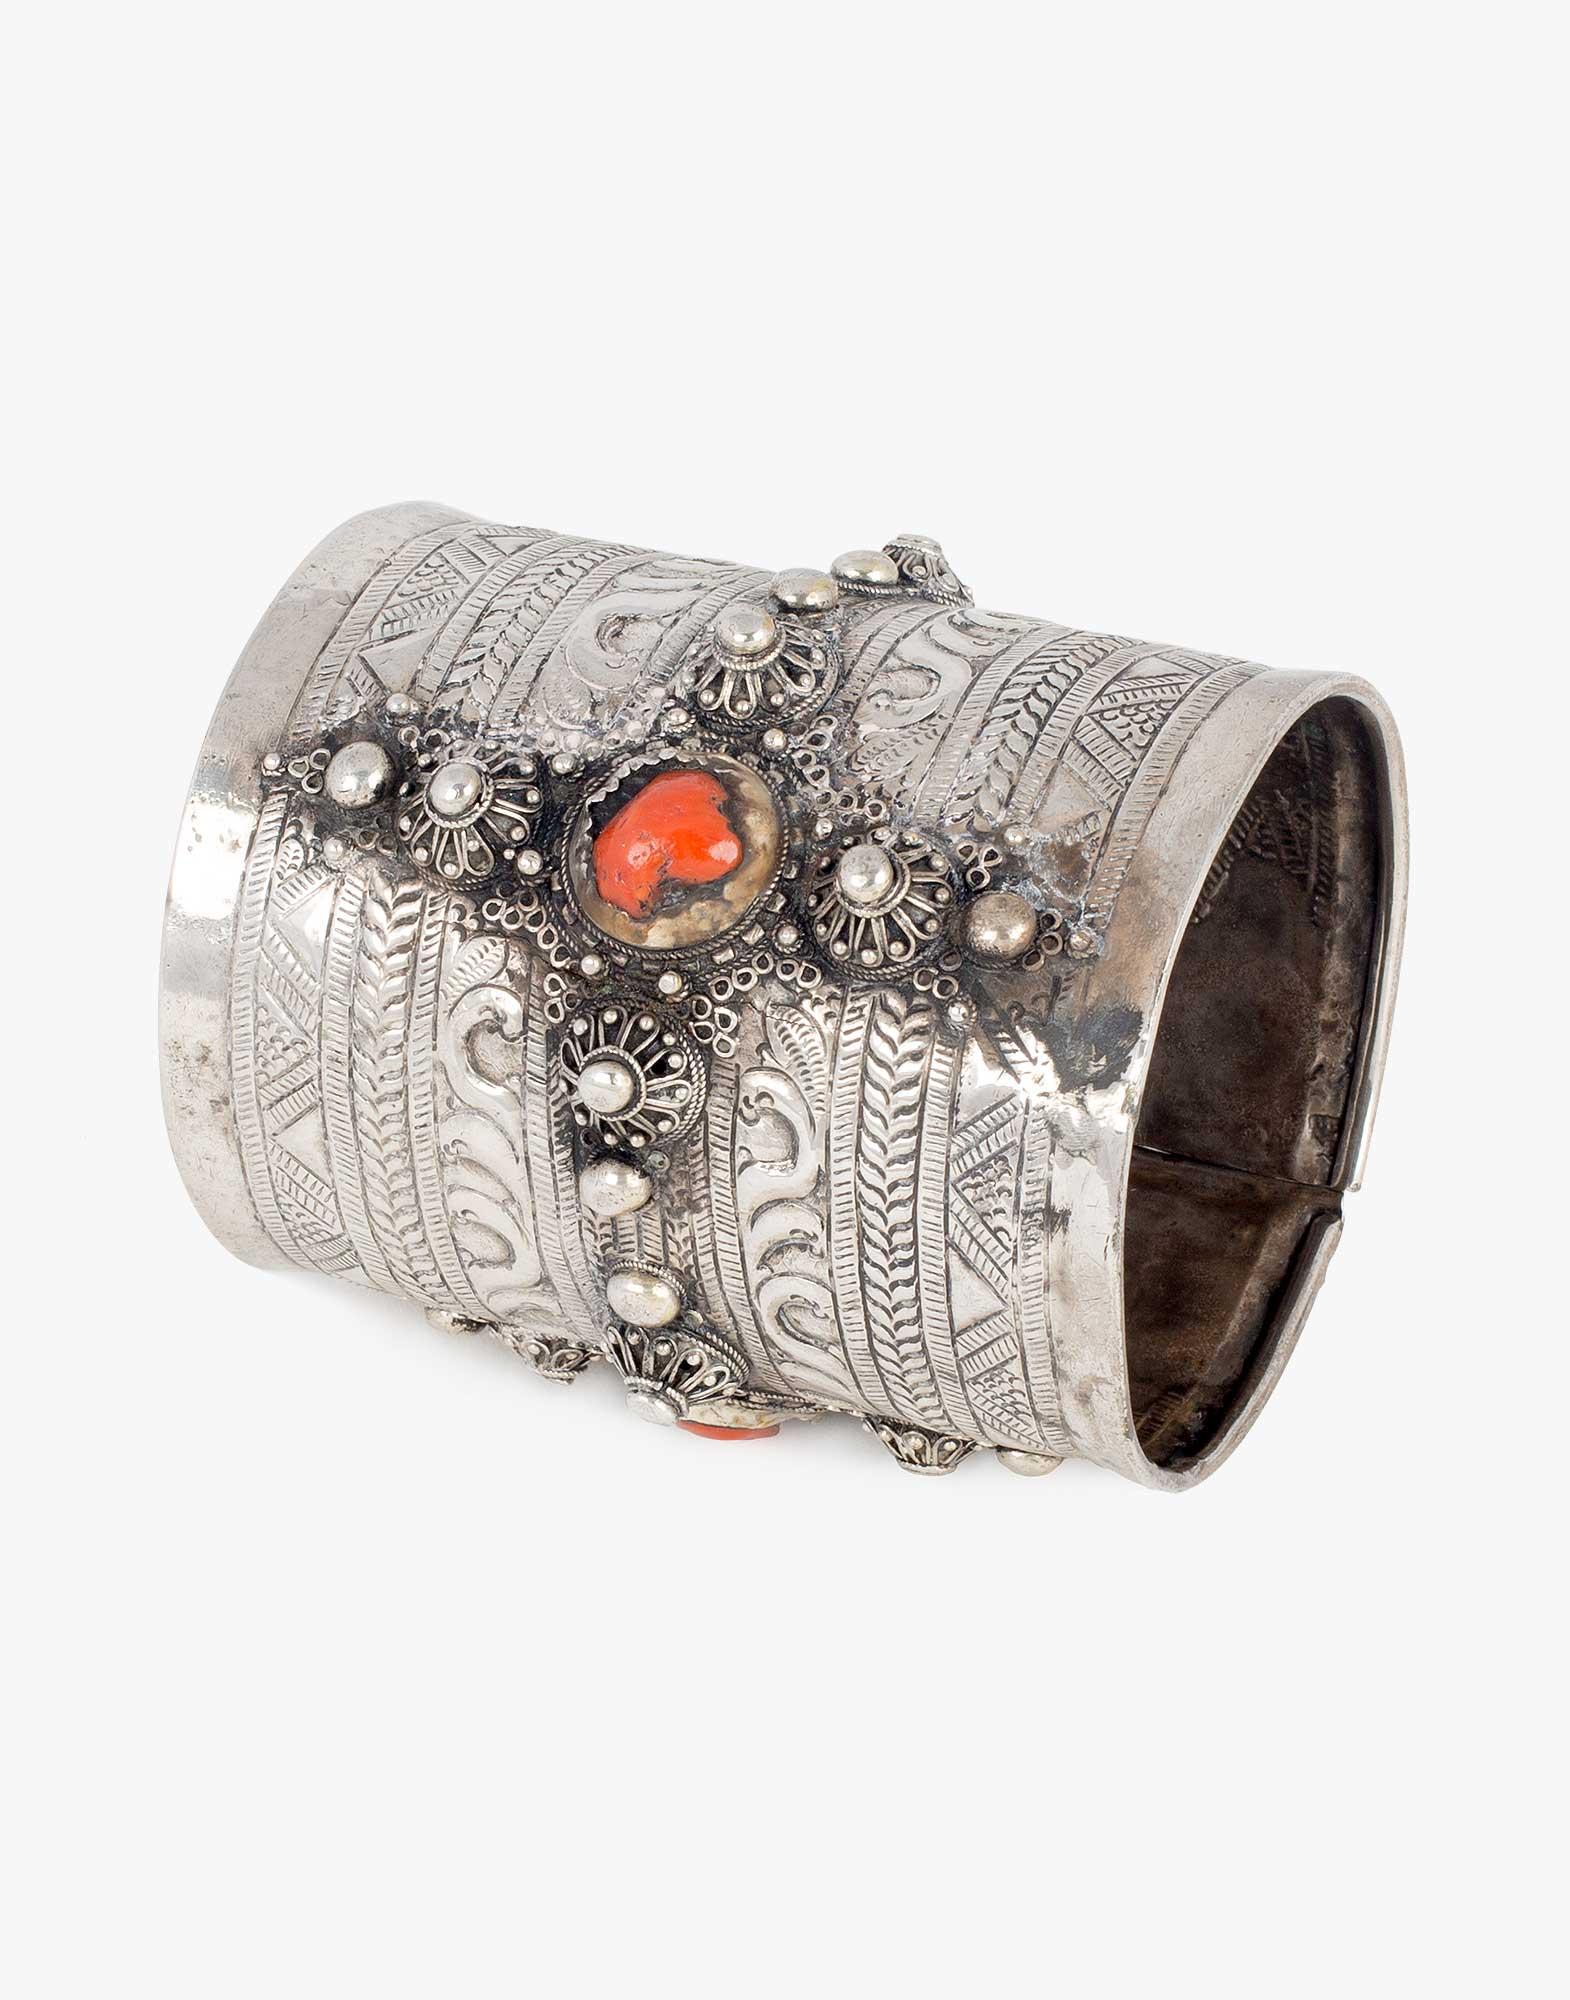 Antique Silver Tuareg Bracelet